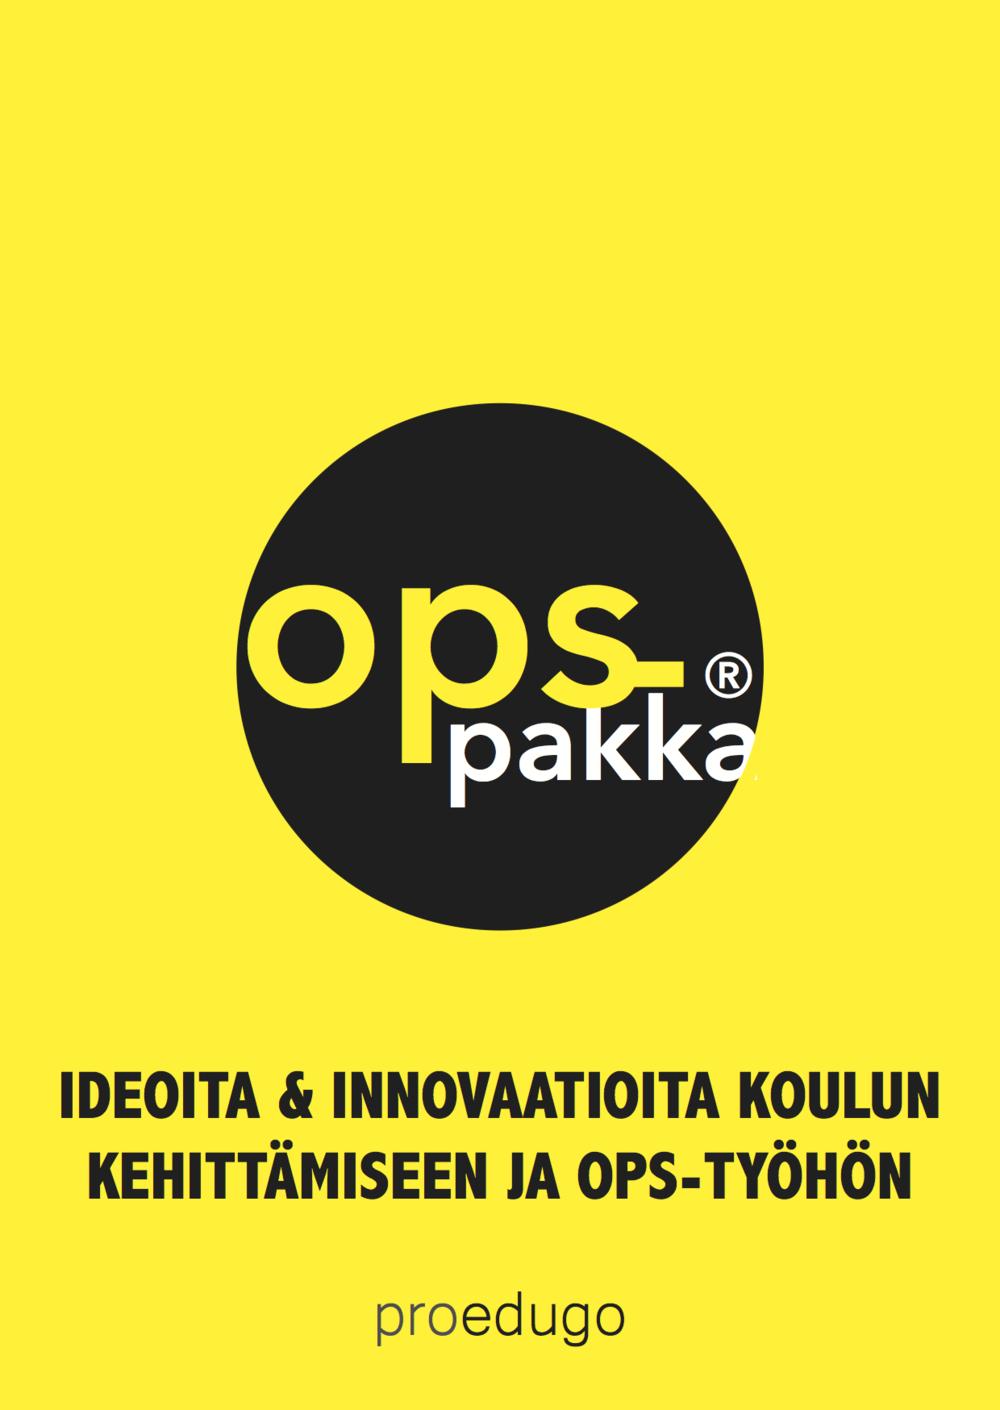 *OPS-pakka_1 (kortti 1).png